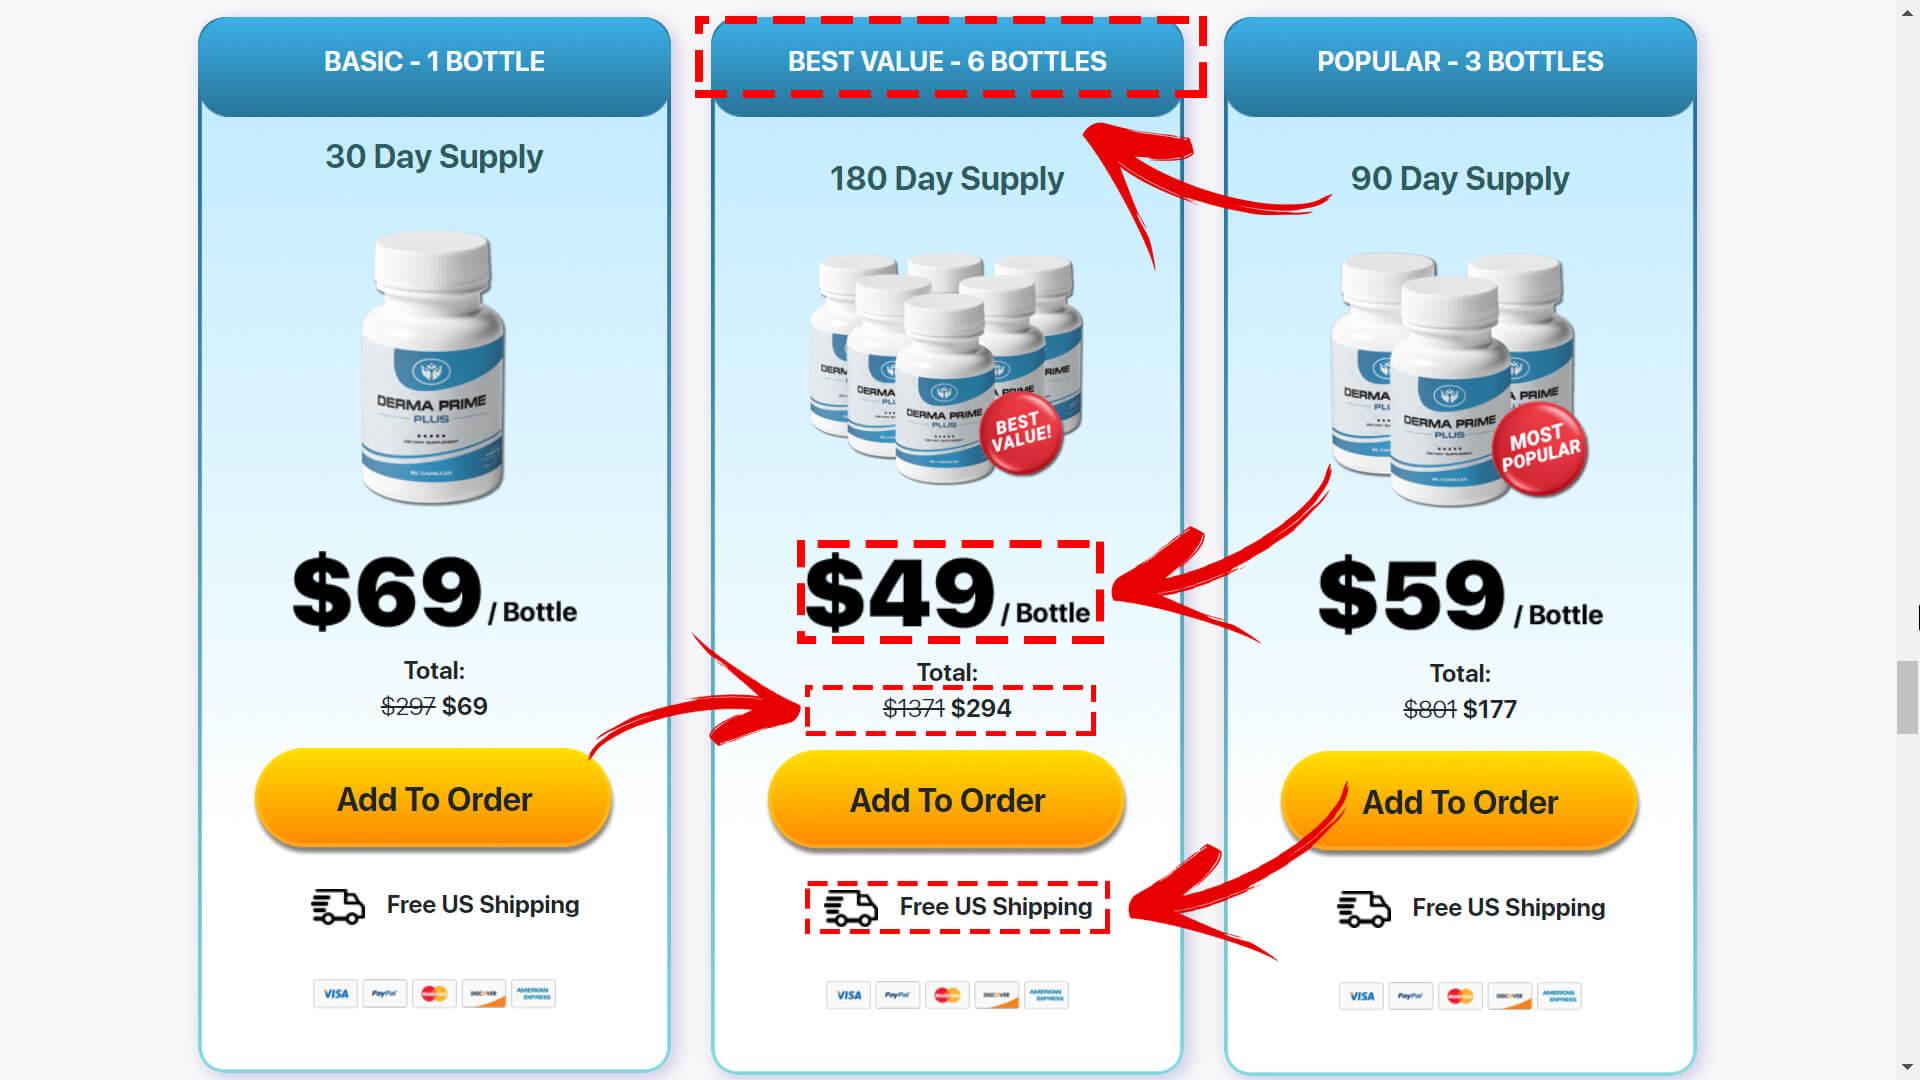 How to buy Derma Prime Plus | Step 2